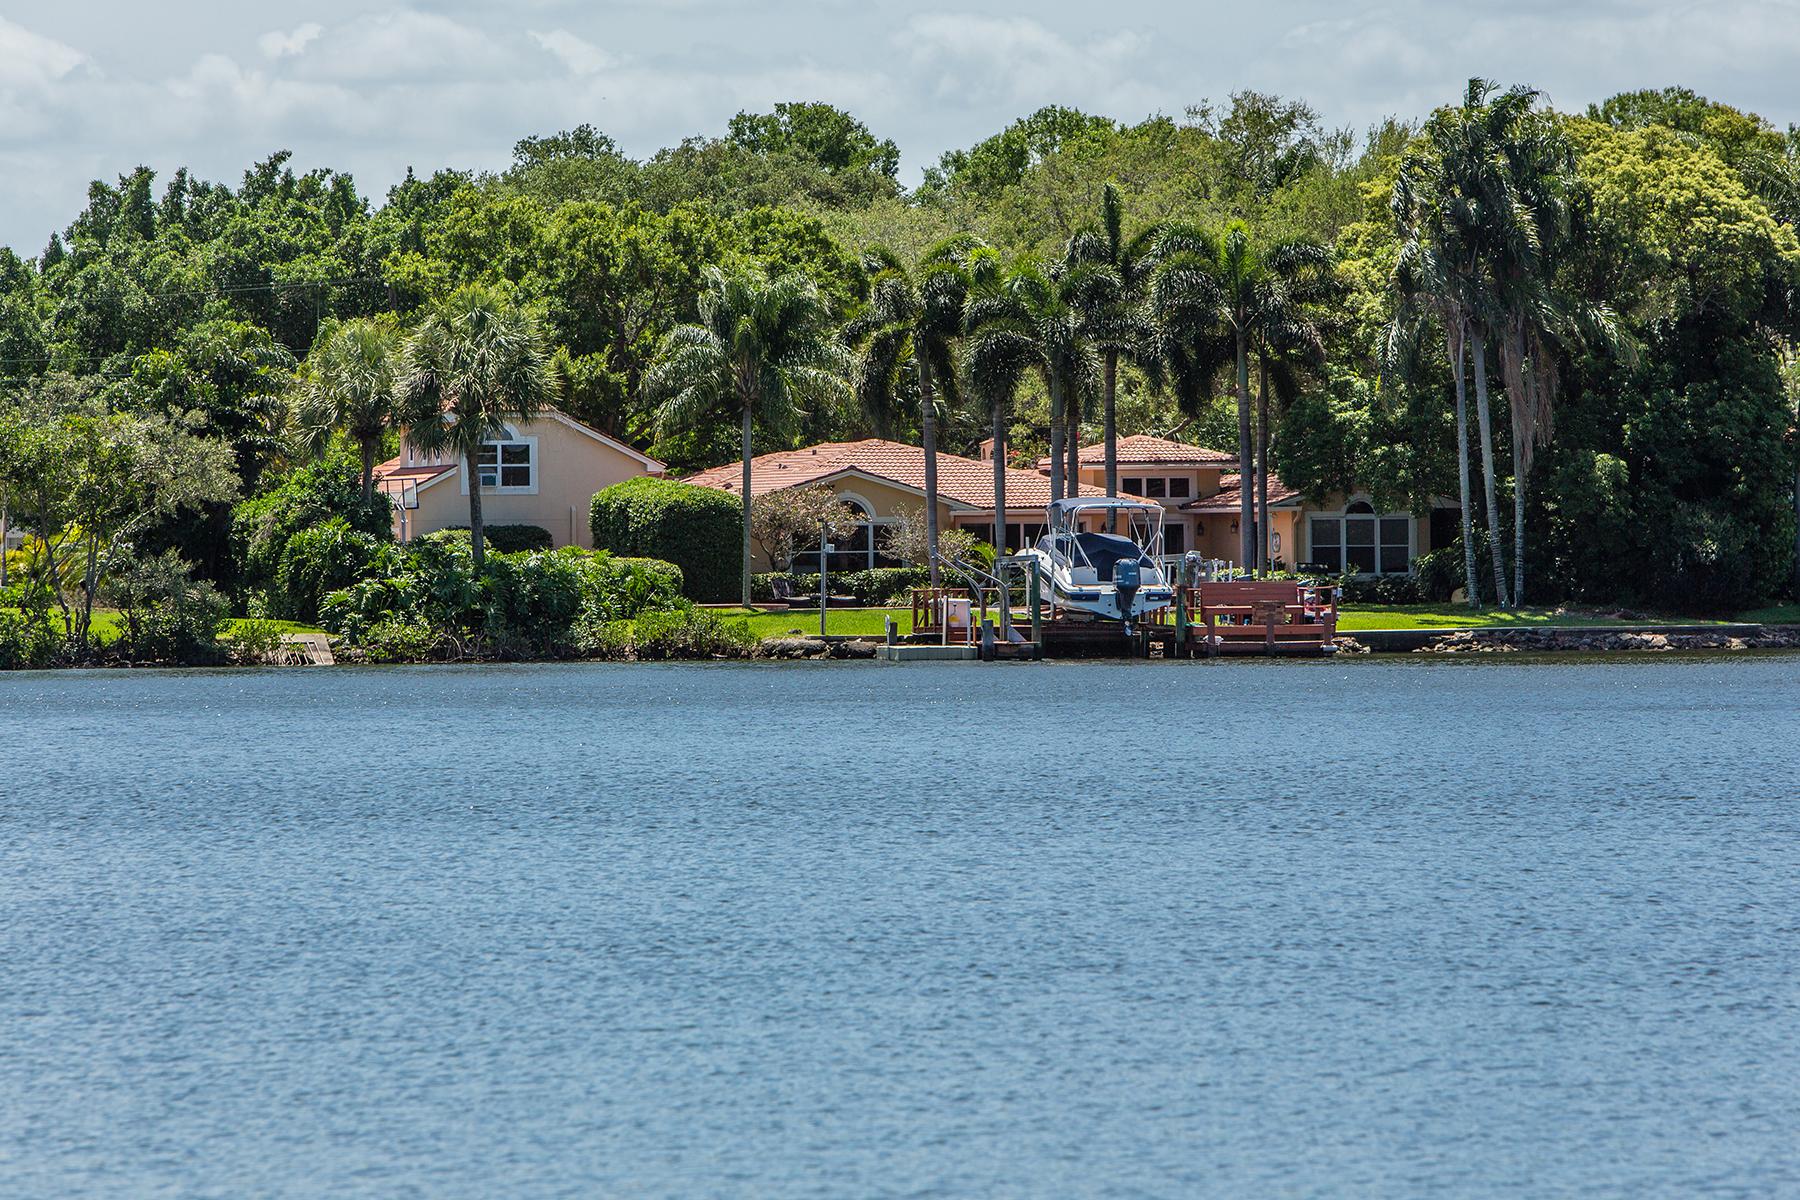 独户住宅 为 销售 在 SNELL ISLE 1248 Monterey Blvd NE 圣彼得堡, 佛罗里达州, 33704 美国